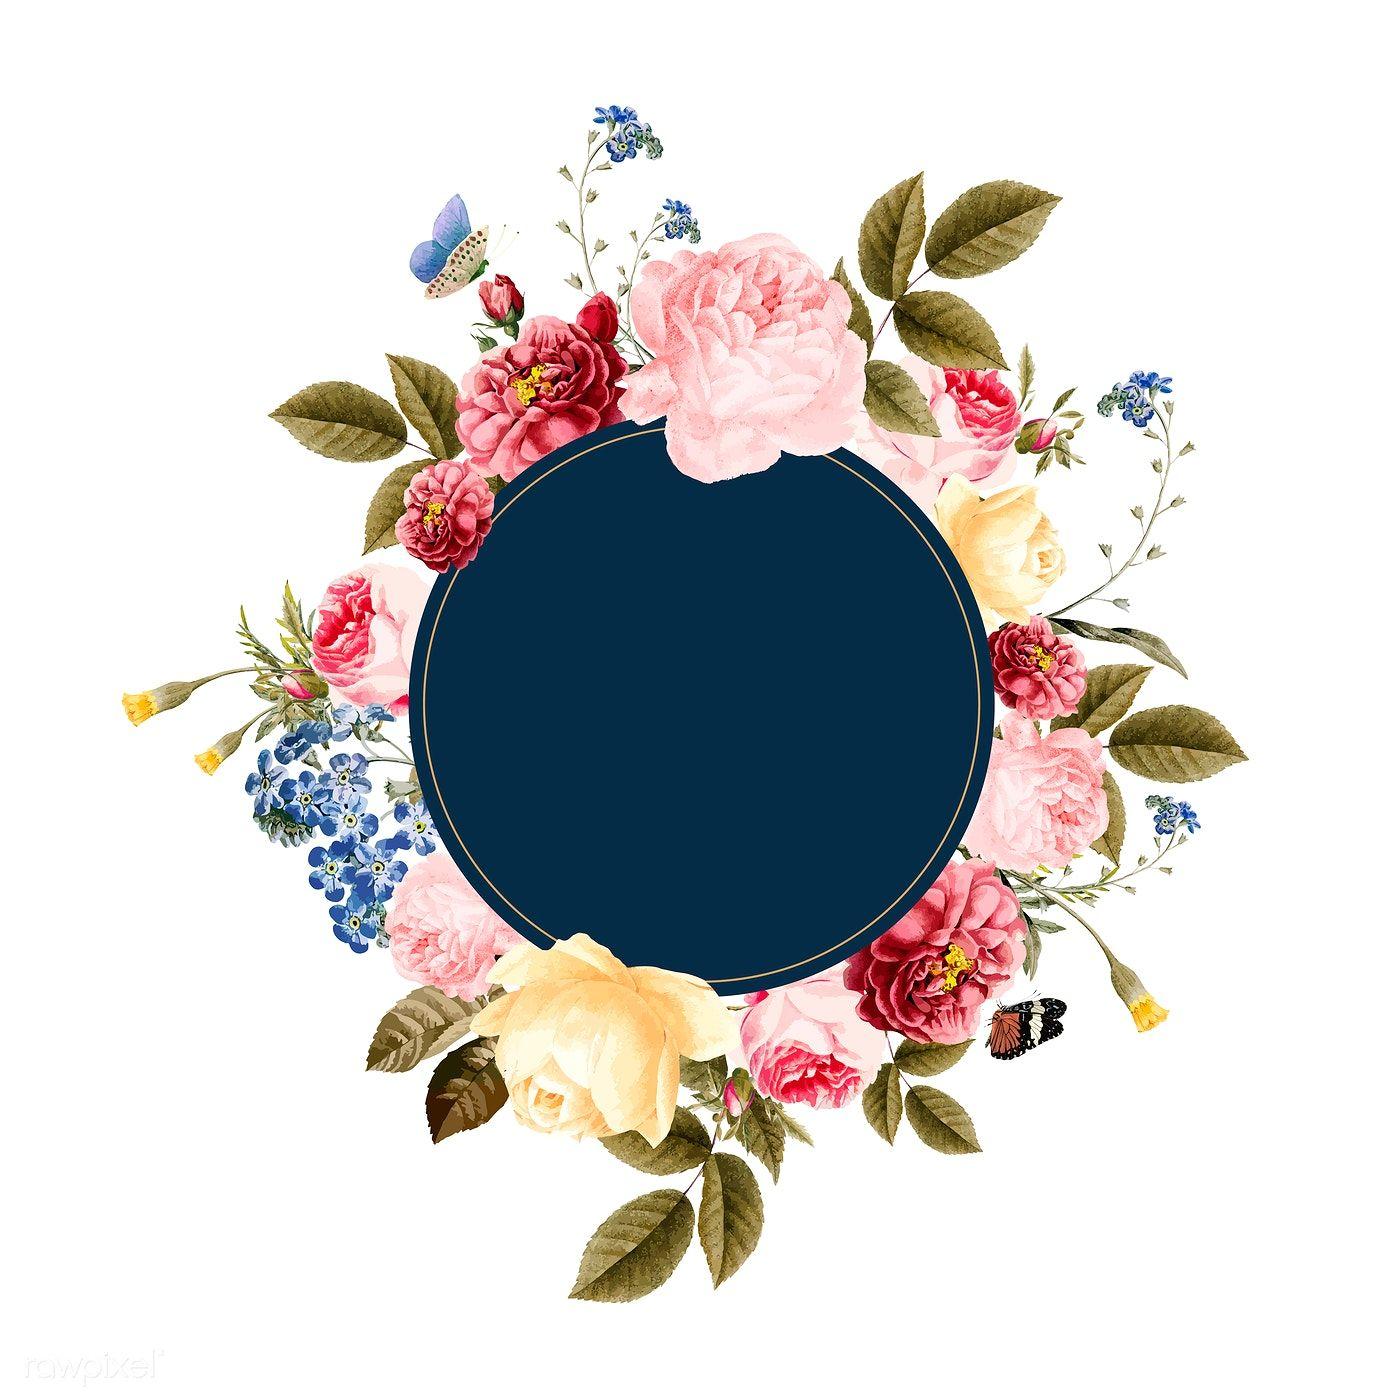 Download Premium Vector Of Blank Floral Frame Card Illustration 471704 Floral Wreaths Illustration Flower Logo Wreath Illustration